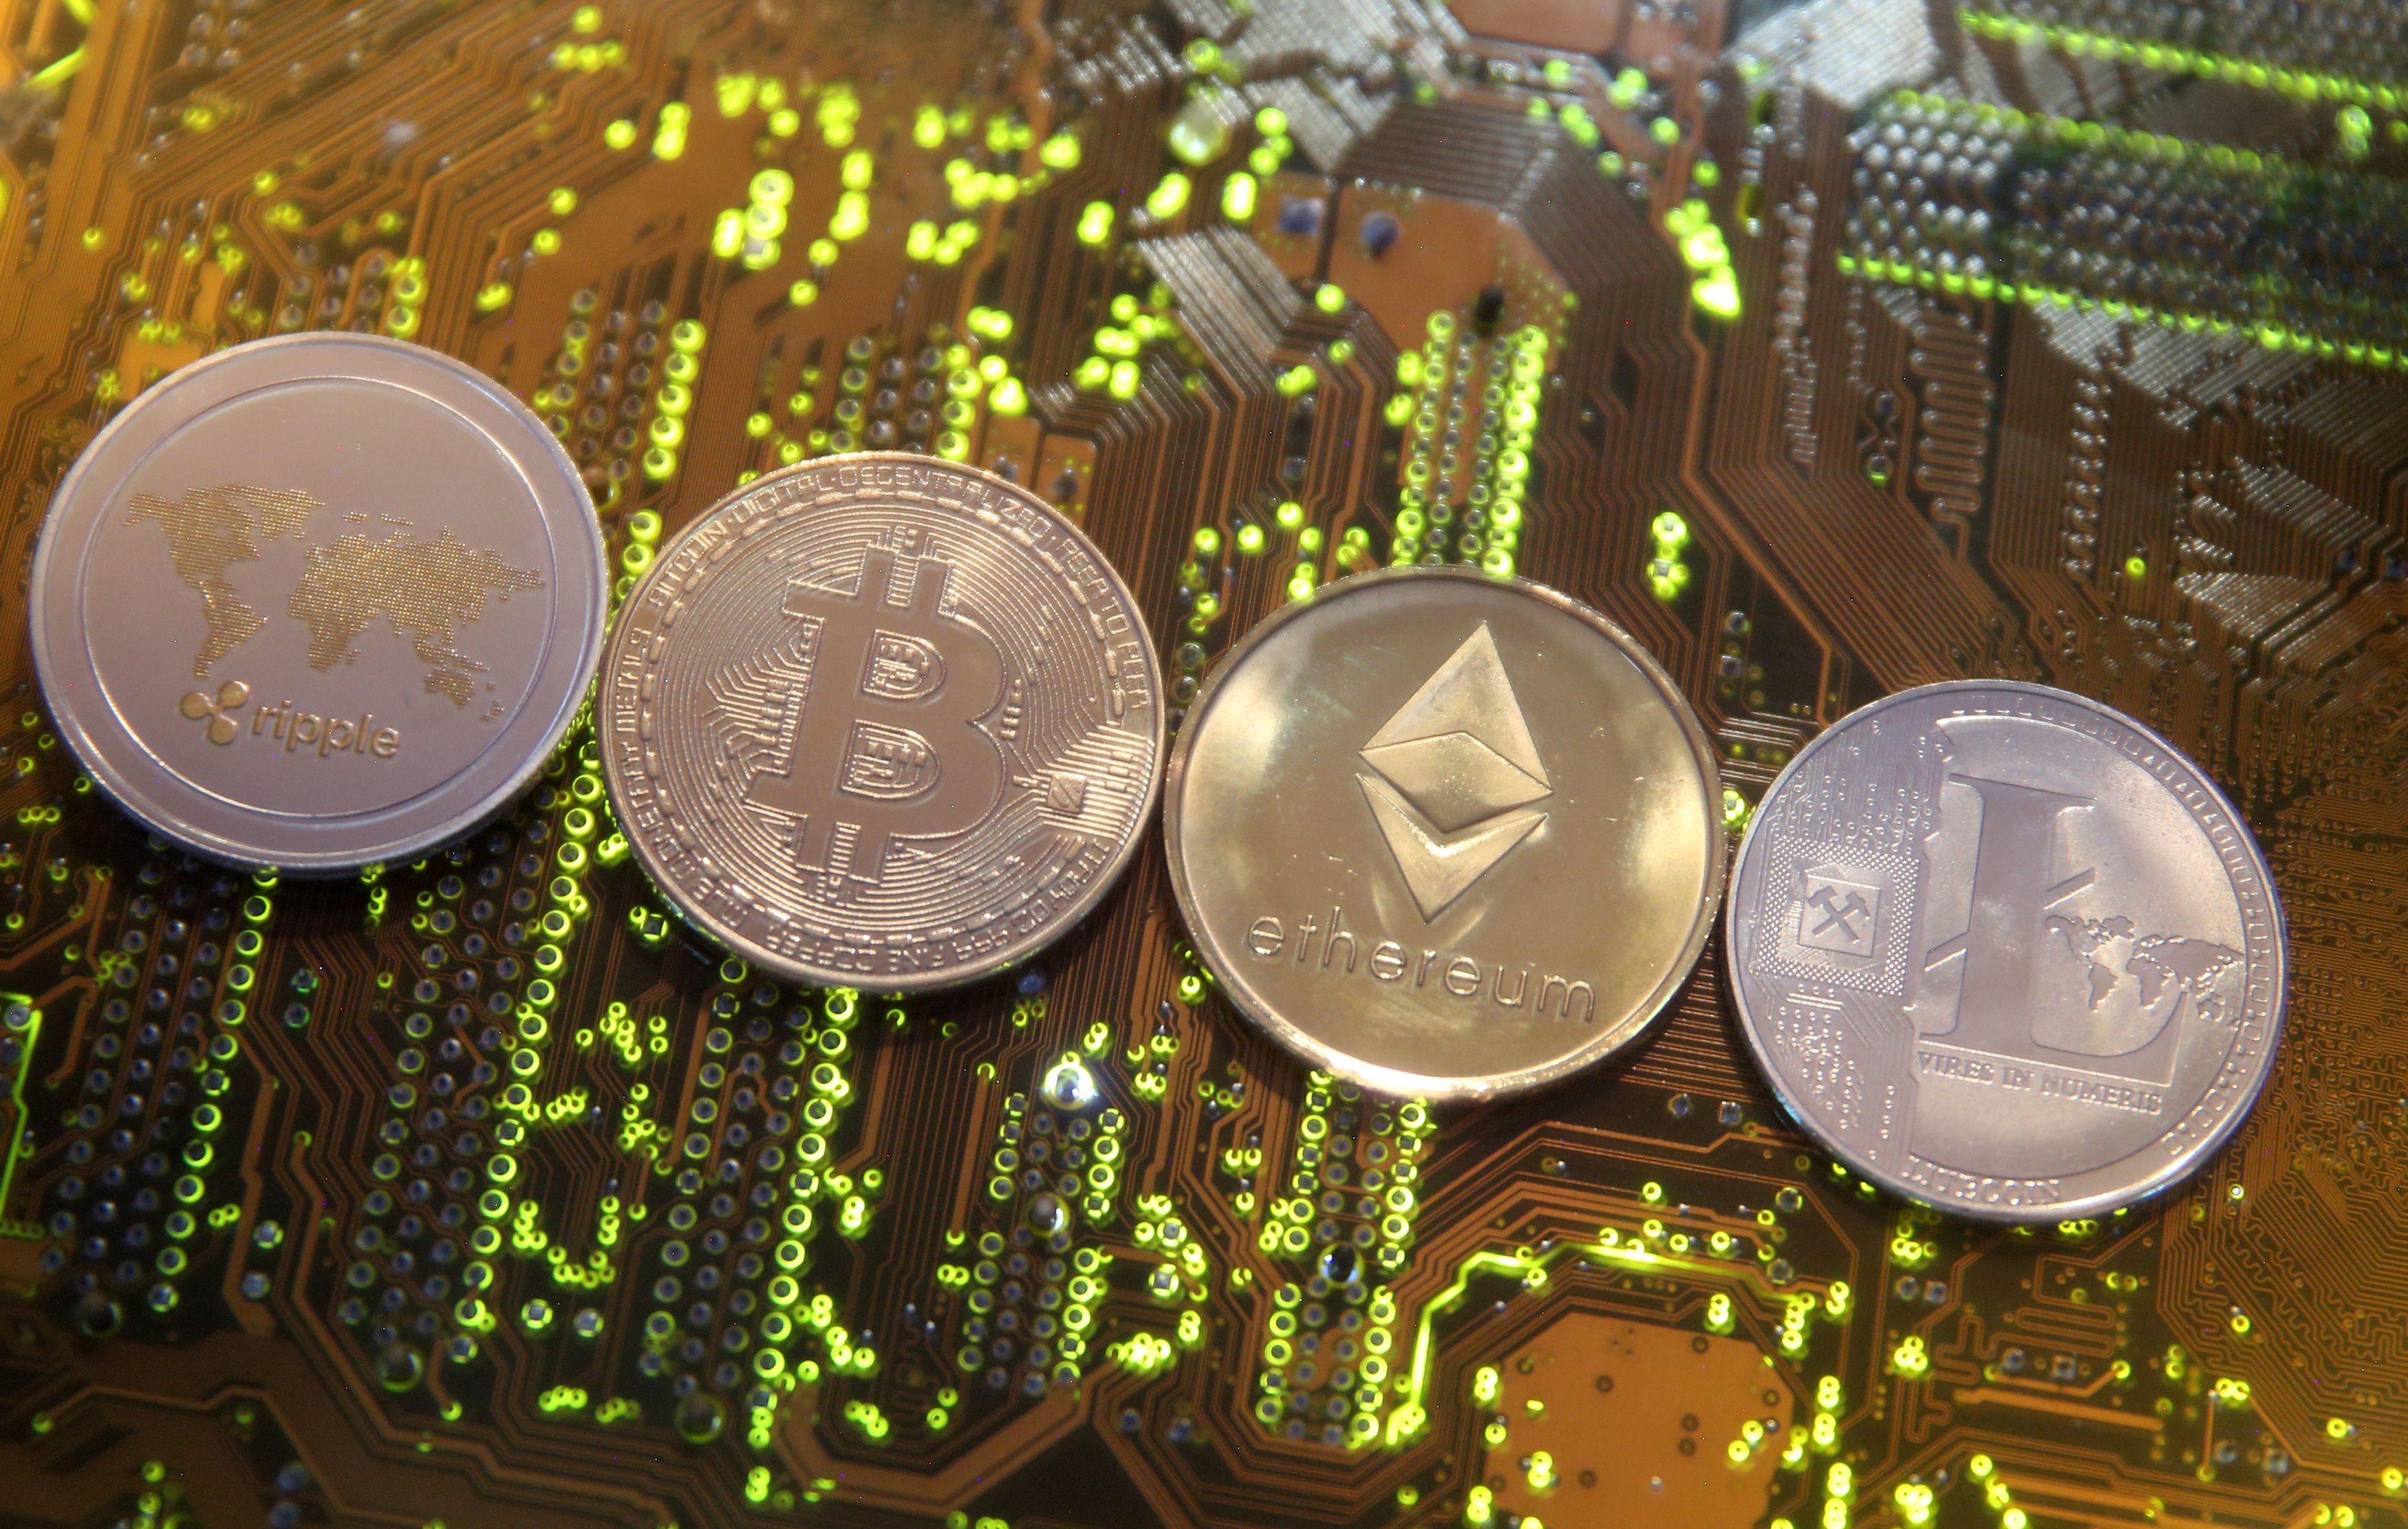 bitcoin trading delhi 0 45 btc į usd